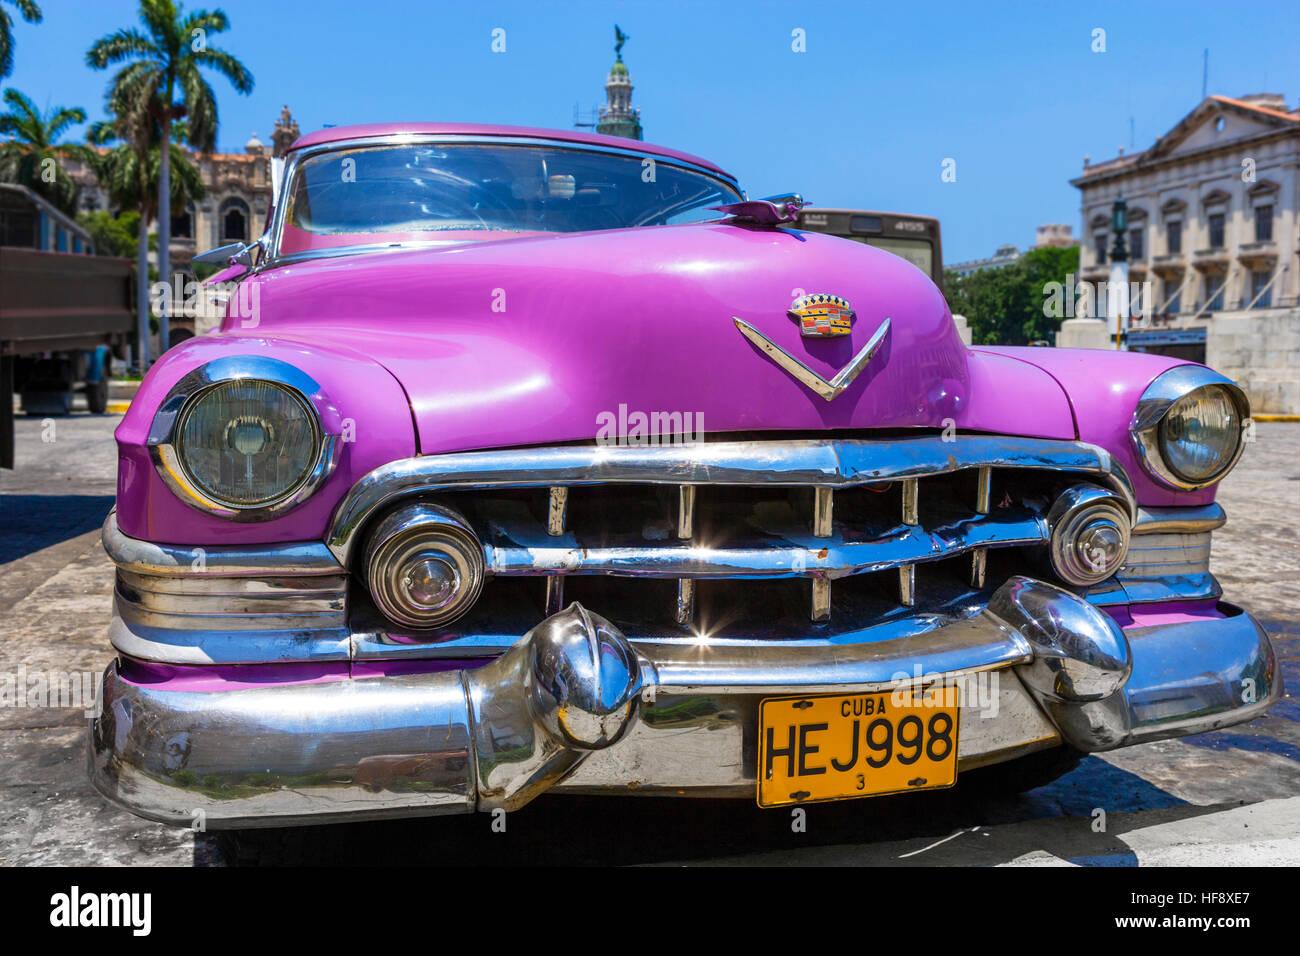 Kuba, Auto. Amerikanische Oldtimer in Havanna, Kuba Stockbild